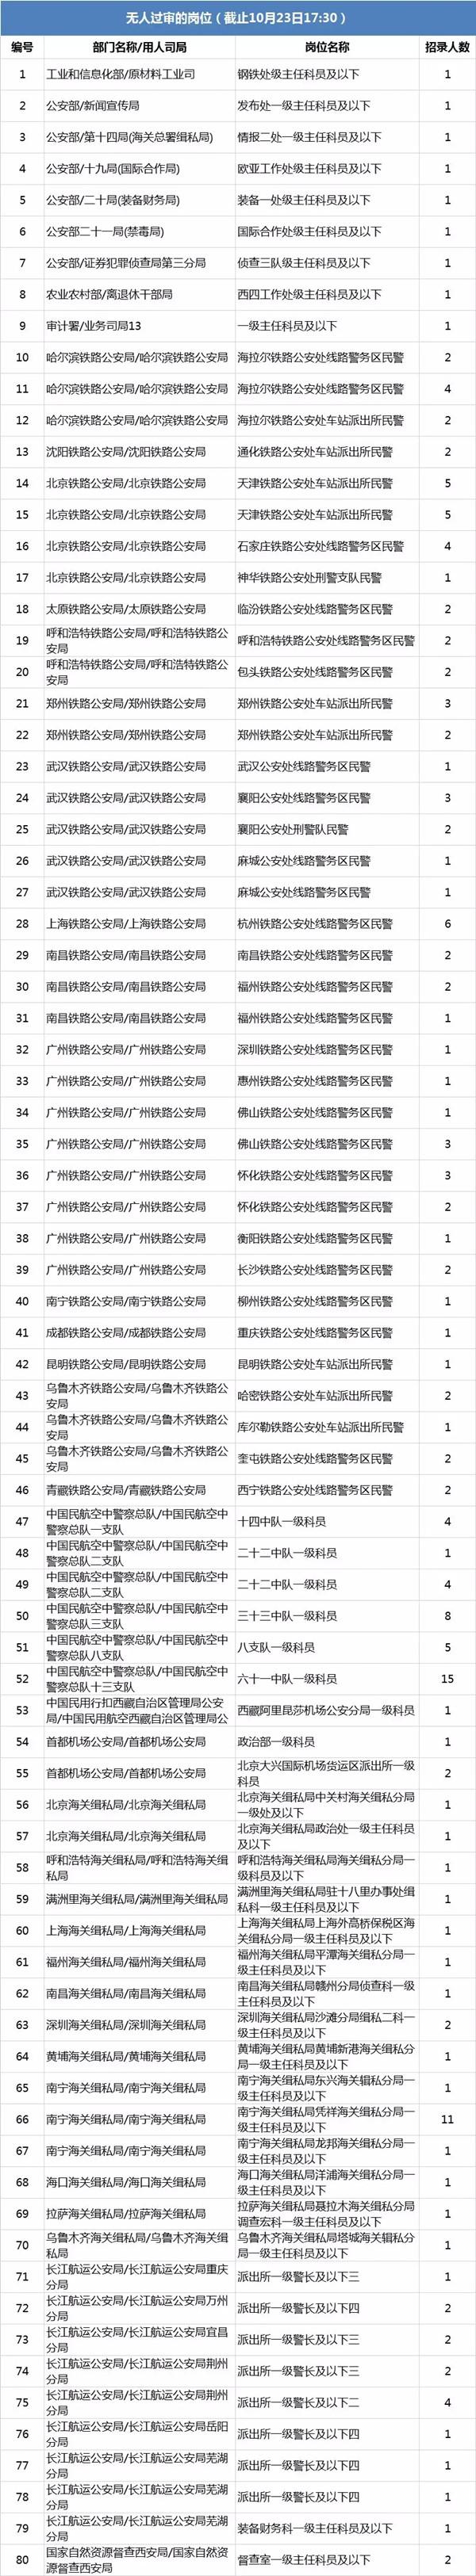 2020国考报名今日18时截止,无人过审职位速看